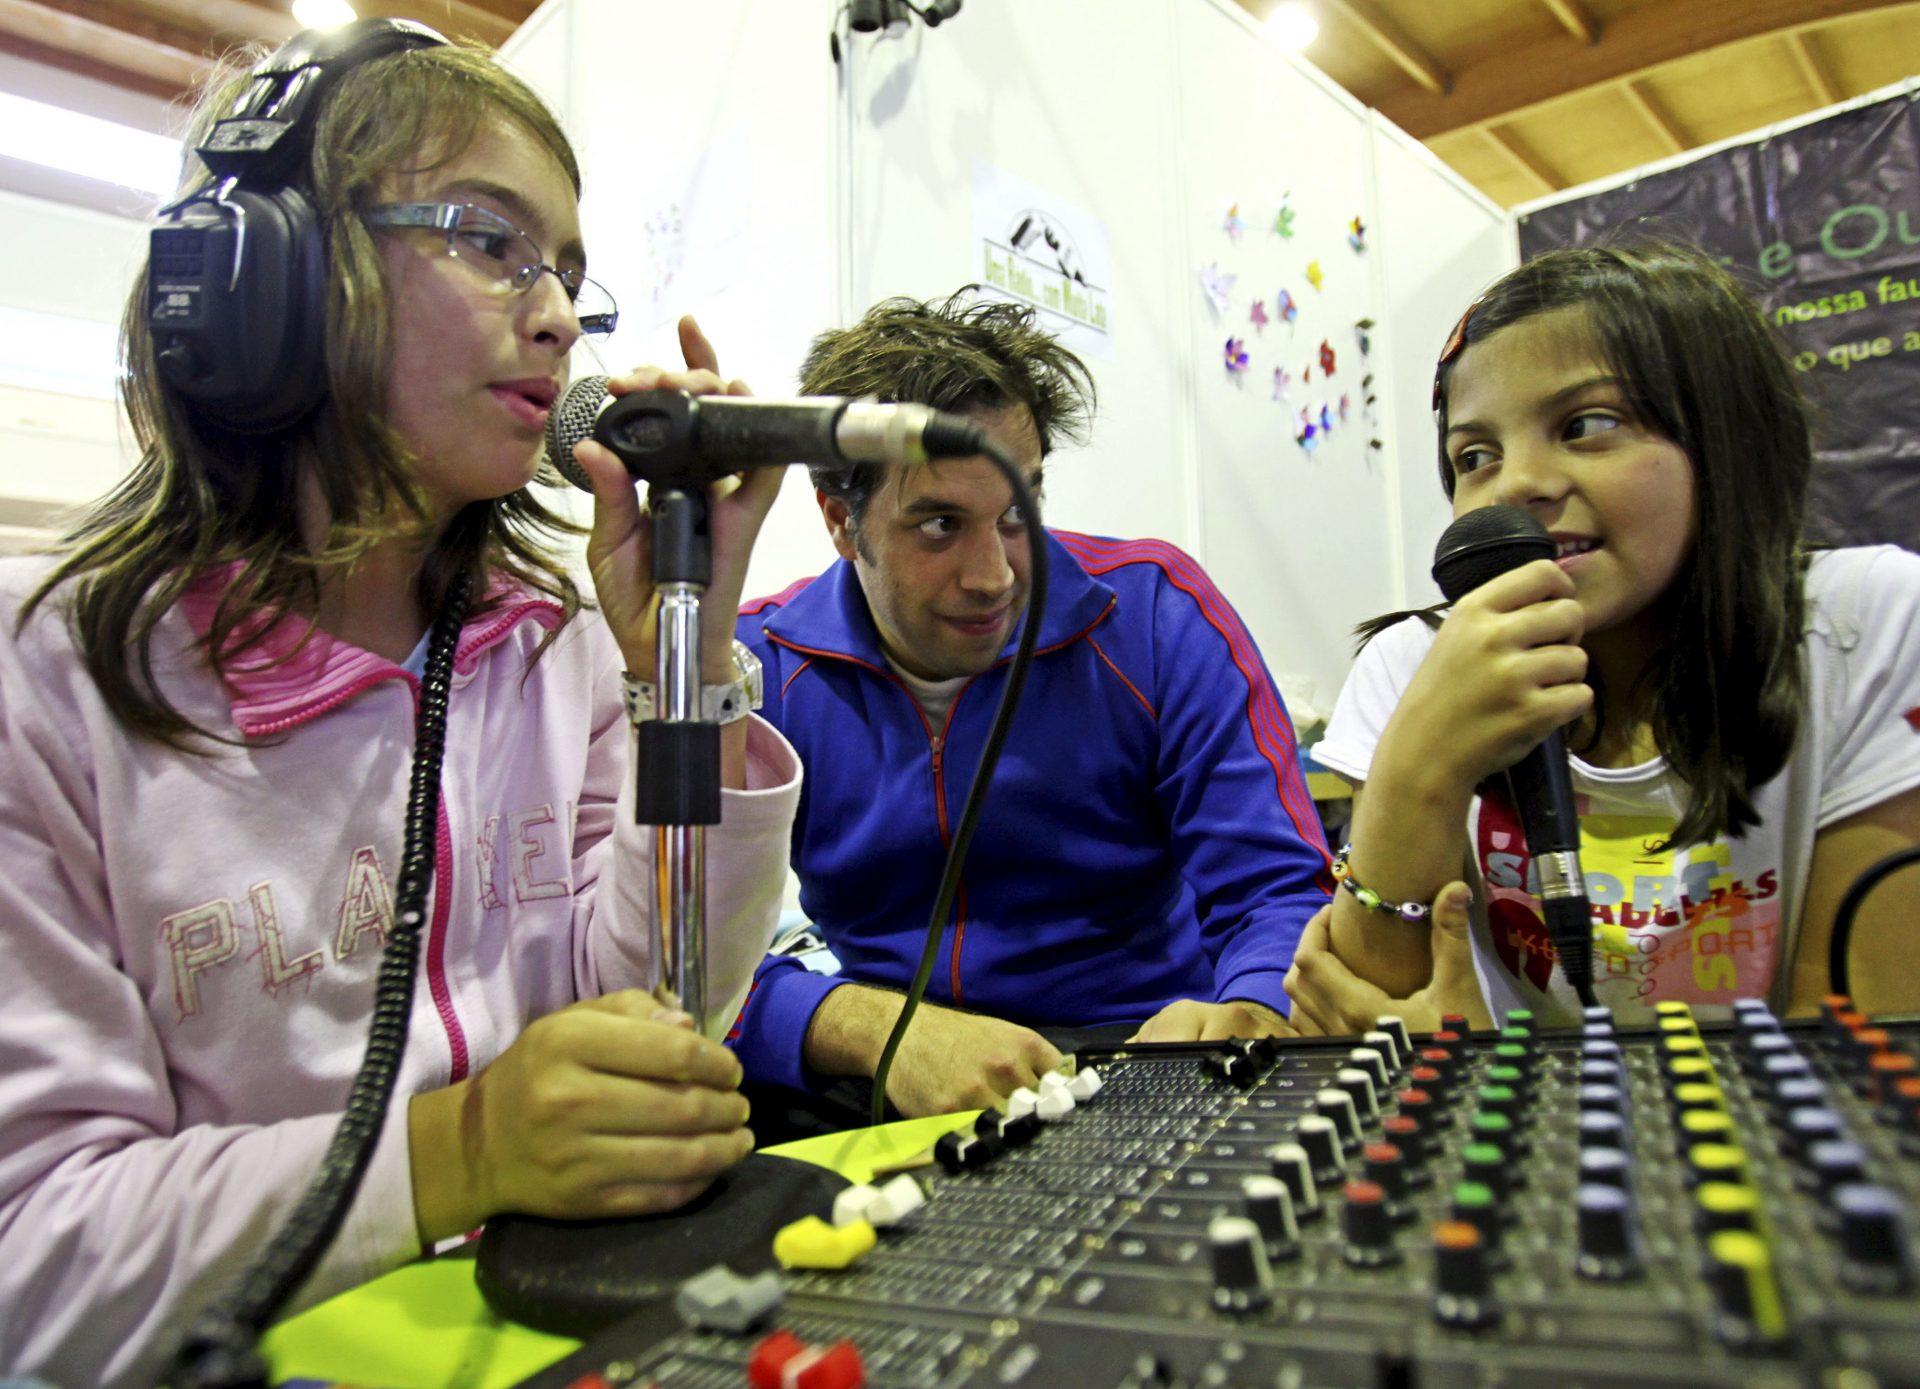 """Uma jovem durante a gravação do programa """"uma rádio com muita lata"""" para falar do ambiente e sensibilizar cada domingo os seus ouvintes através da Rádio Universidade de Coimbra e da Lousã FM, em Coimbra, 17 de maio de 2010. PAULO NOVAIS/LUSA"""